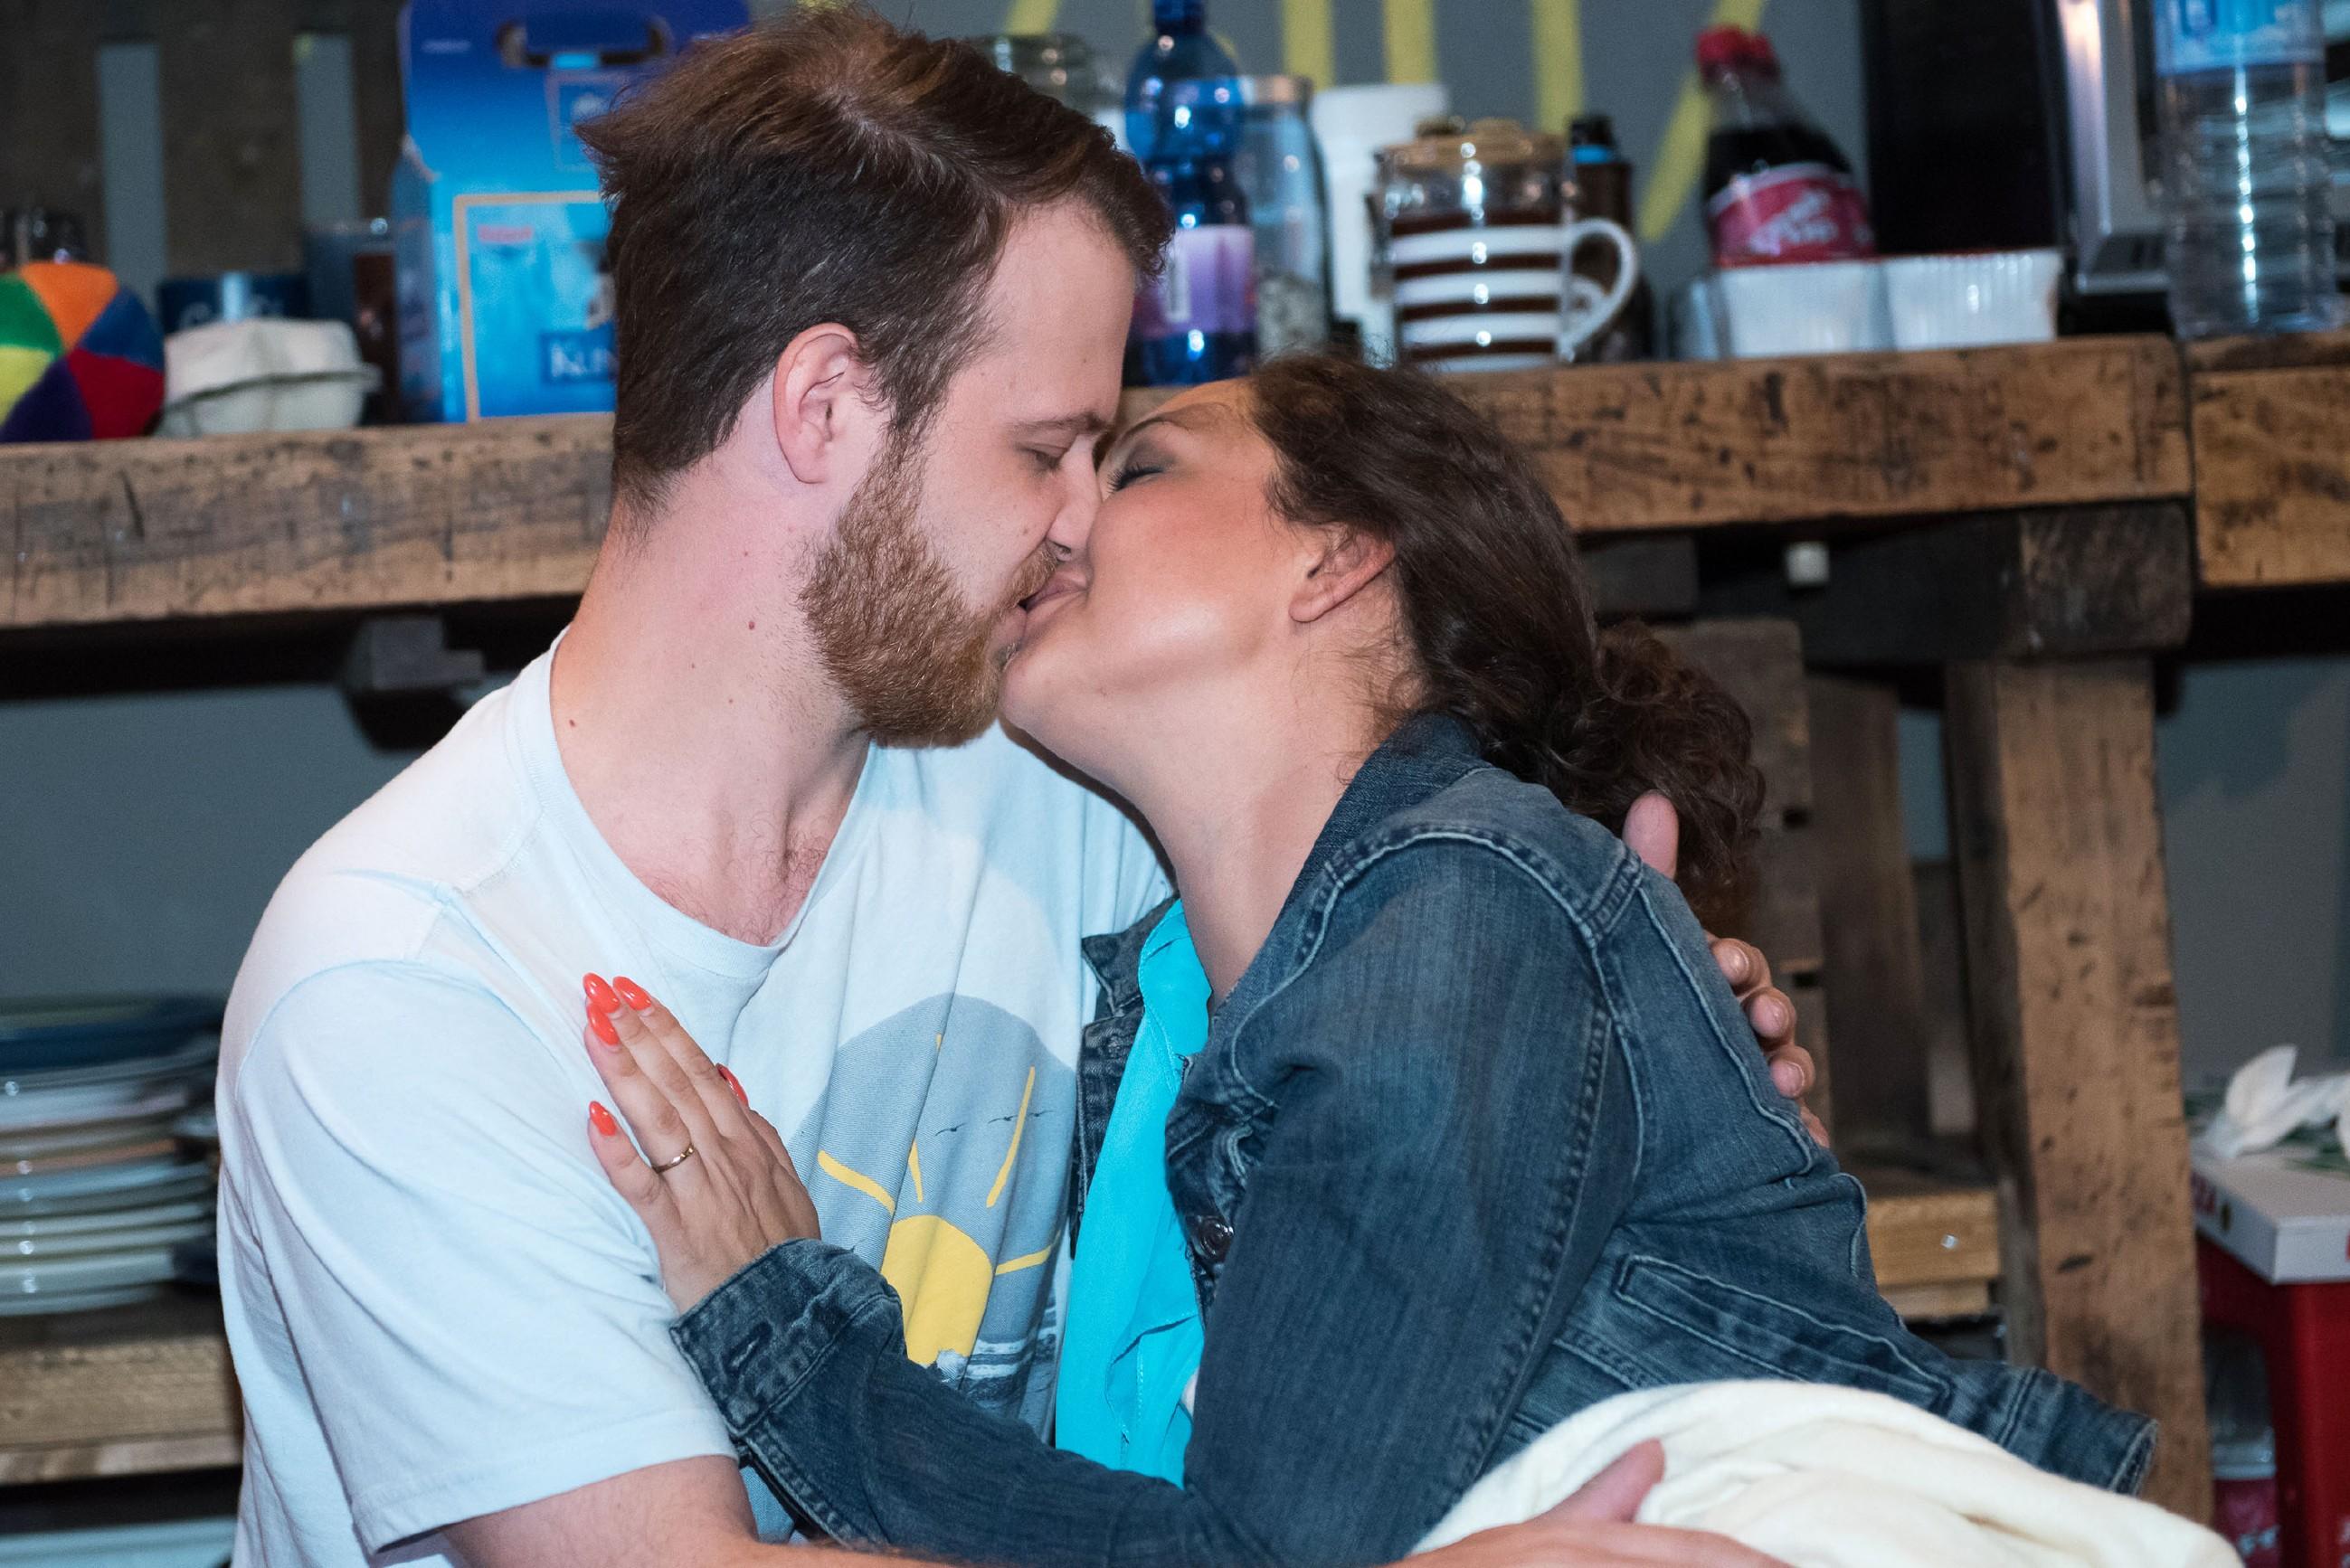 Rückblende: Caro (Ines Kurenbach) und Tobias (Patrick Müller) haben nach einem Trinkspiel mit Elli jede Selbstkontrolle verloren... (Quelle: RTL / Stefan Behrens)